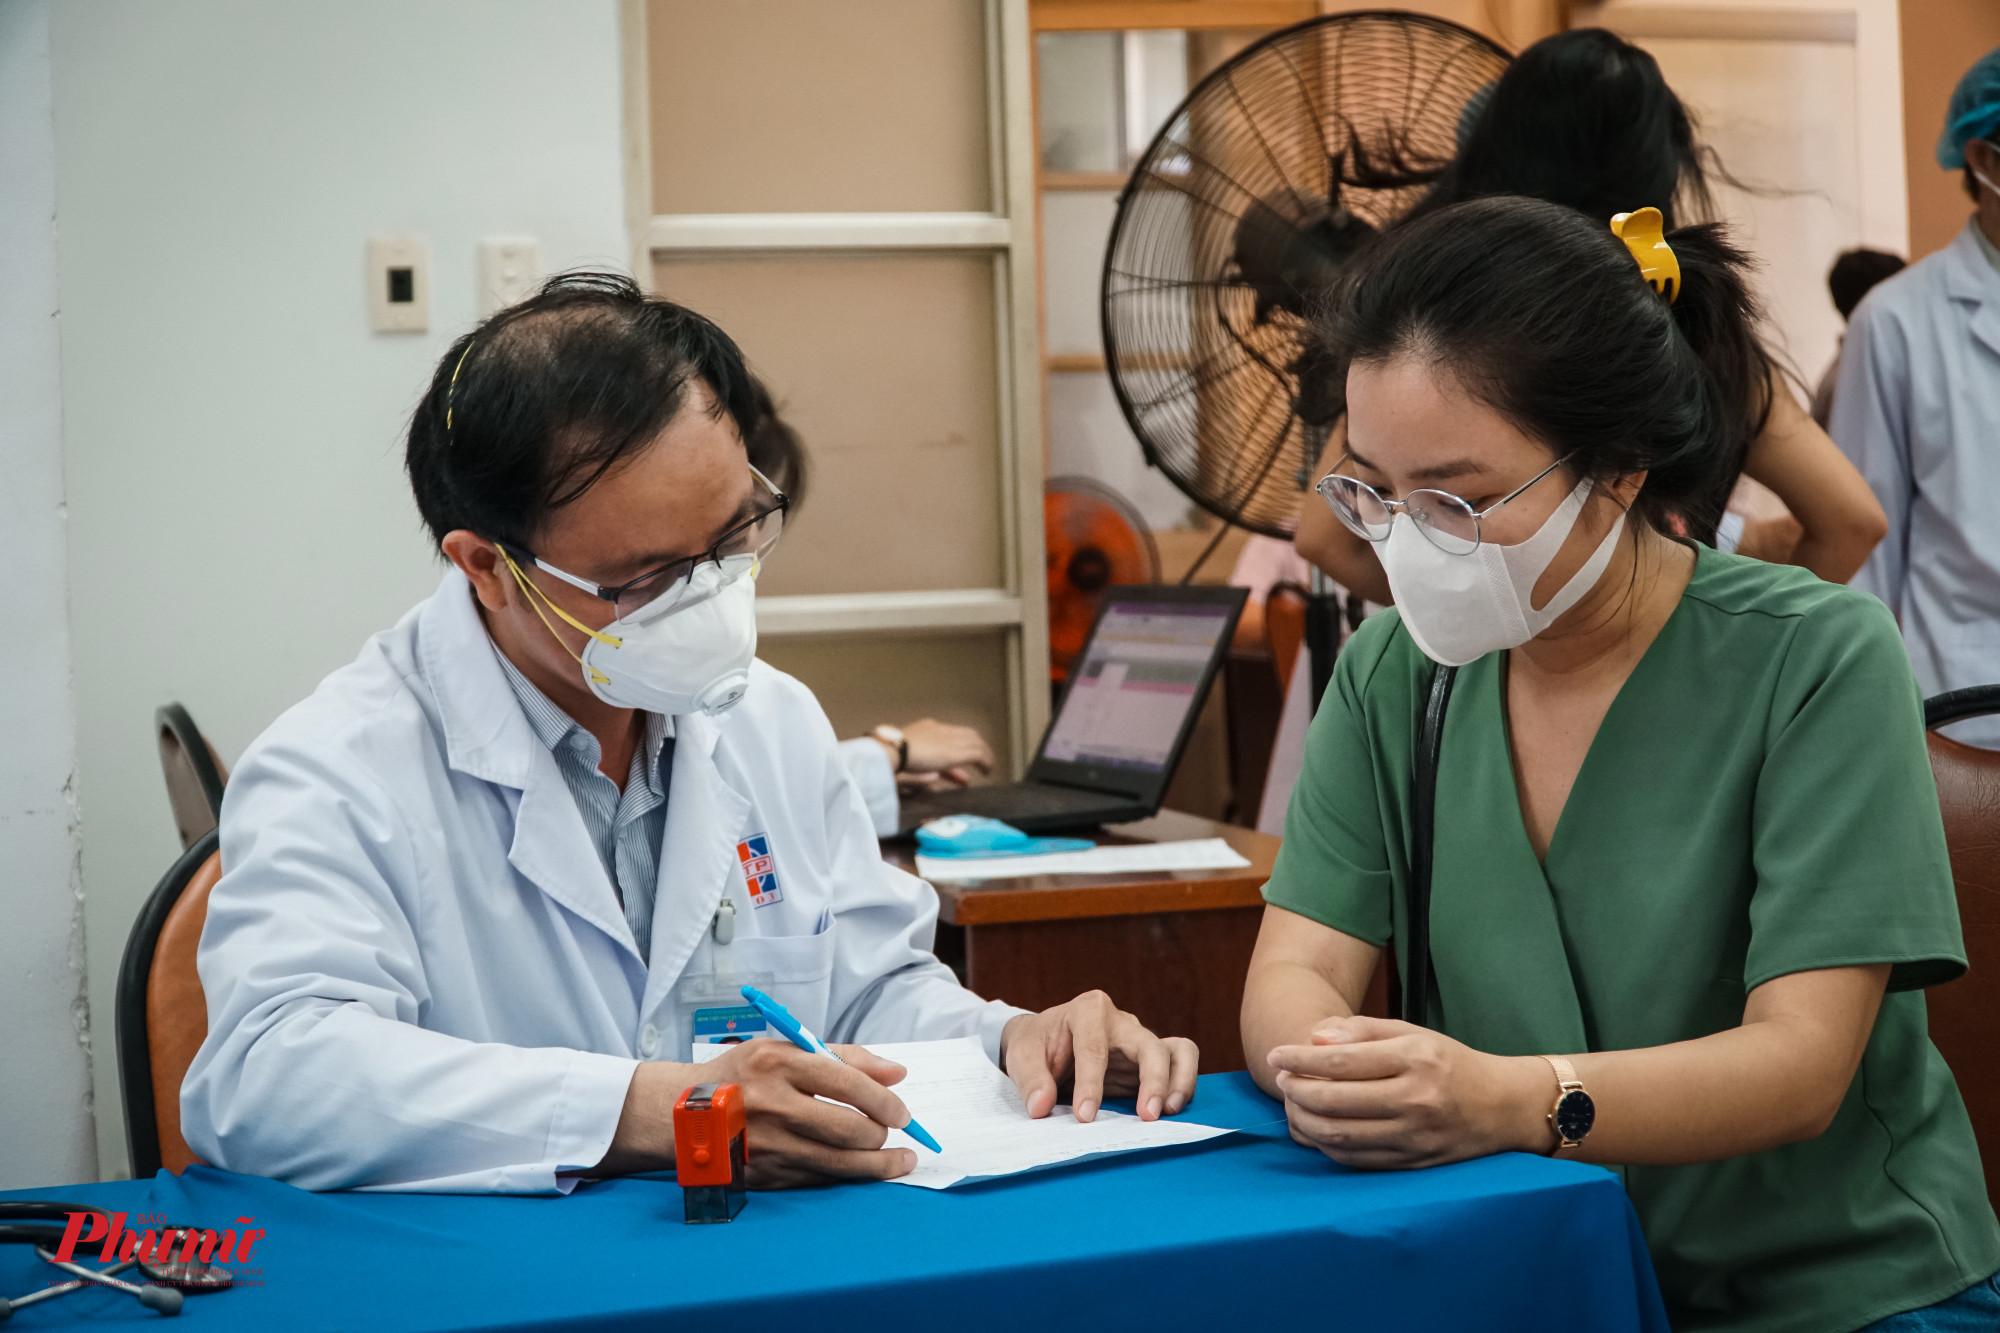 Trước khi tiếm, các phóng viên được hướng dẫn, tư vấn các triệu chứng thường gặp sau tiêm